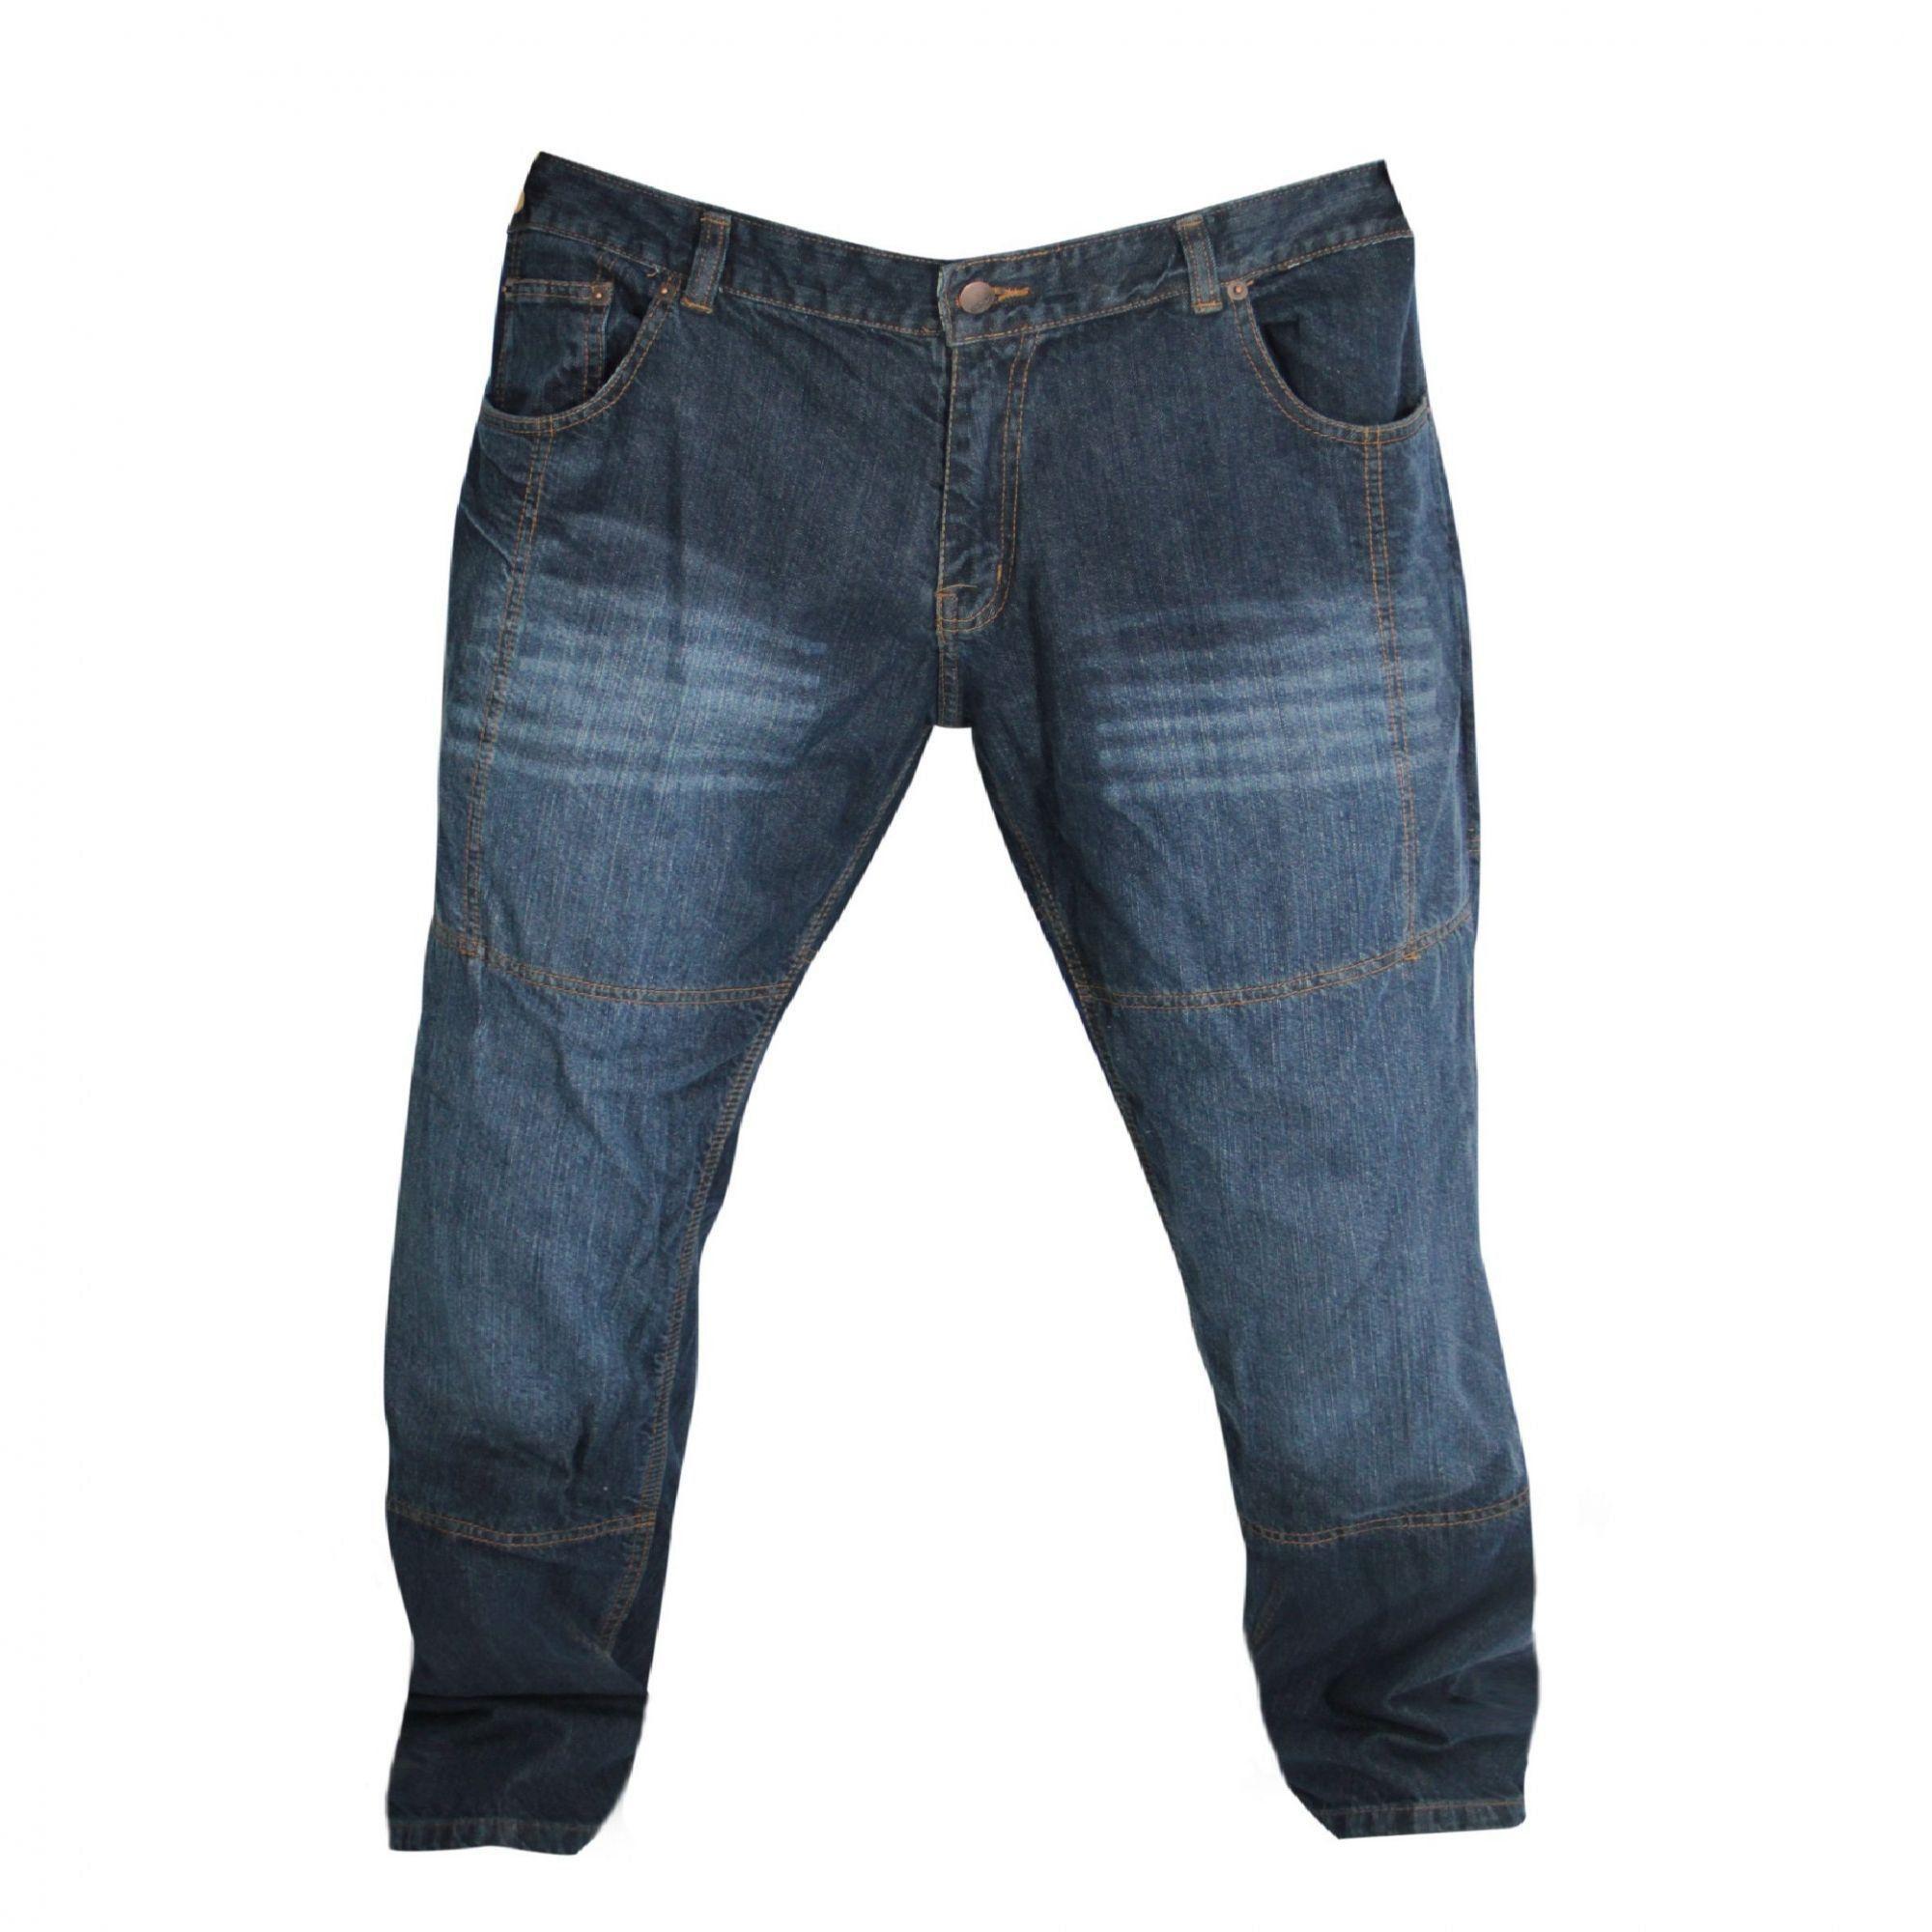 Calca Jeans Texx Com Reforco Em Dupont Kevlar Evolution